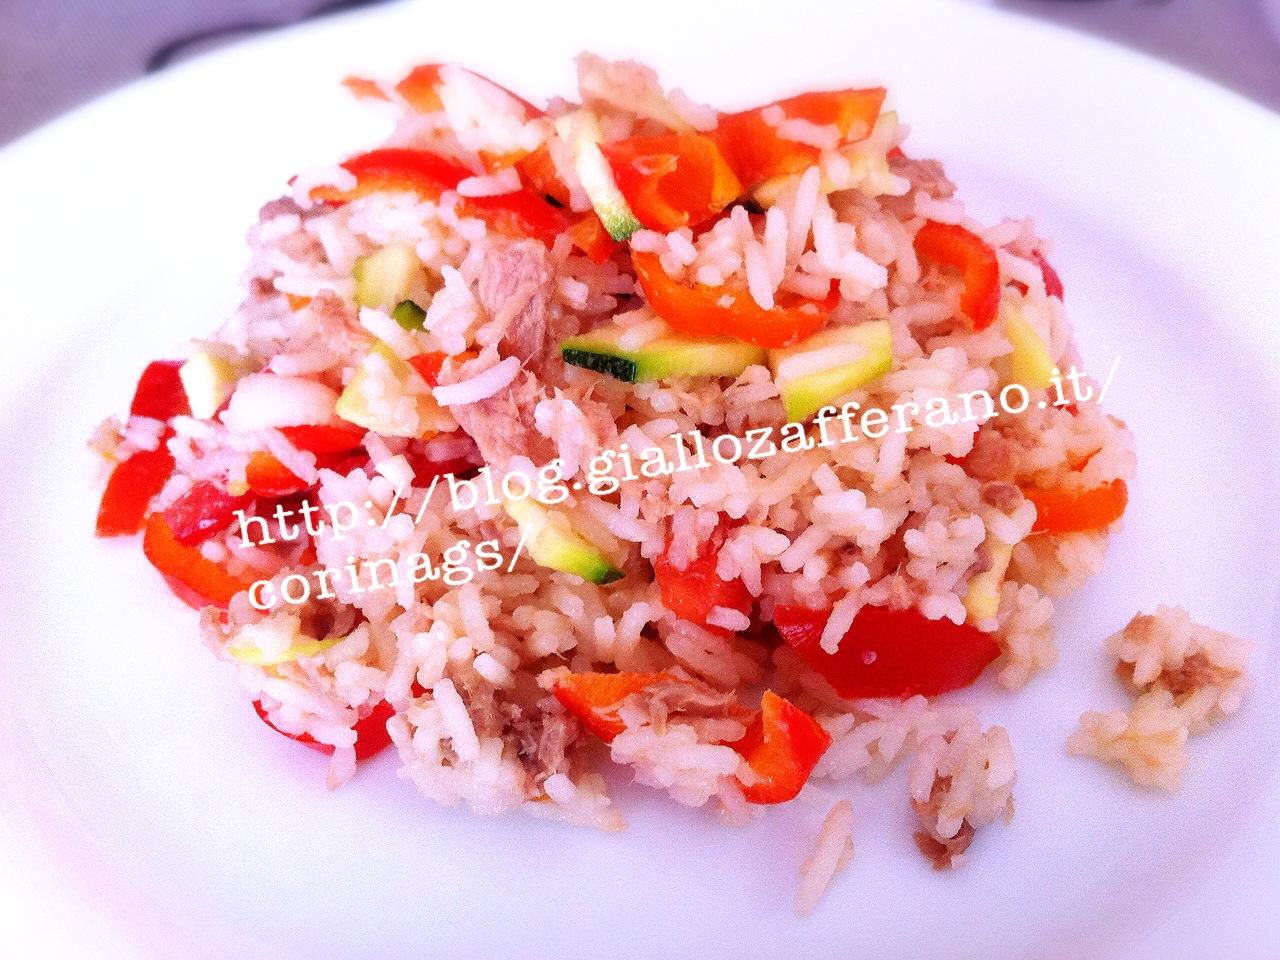 INsalata di riso basmati con verdure e tonno CorinaGS